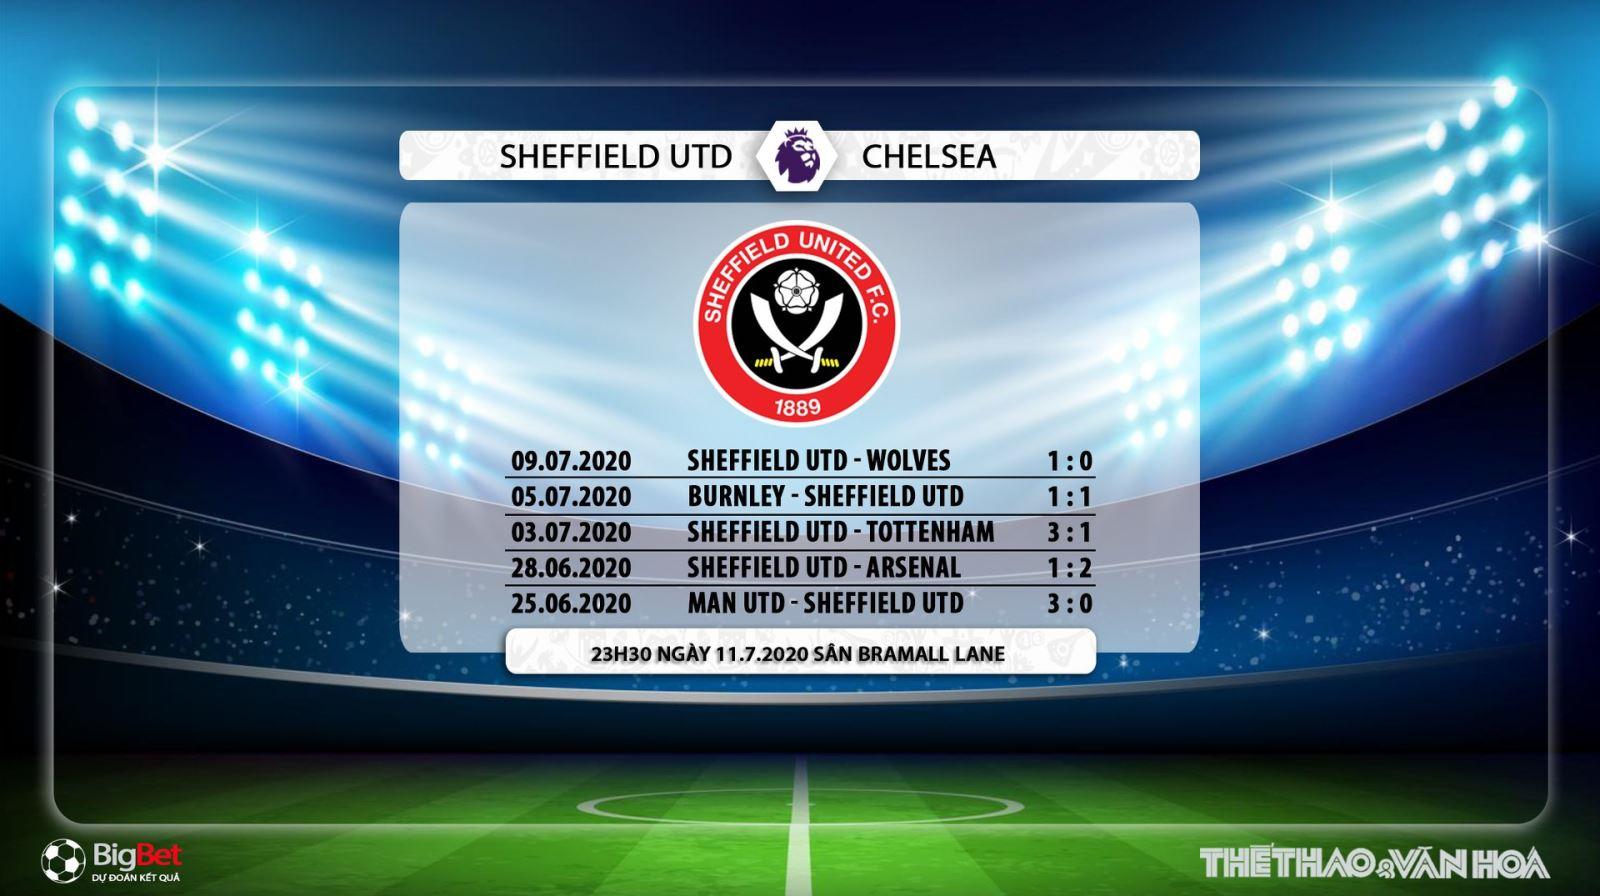 Sheffield Utd vs Chelsea, Chelsea, Sheffield, dự đoán bóng đá, soi kèo, kèo bóng đá, trực tiếp Sheffield Utd vs Chelsea